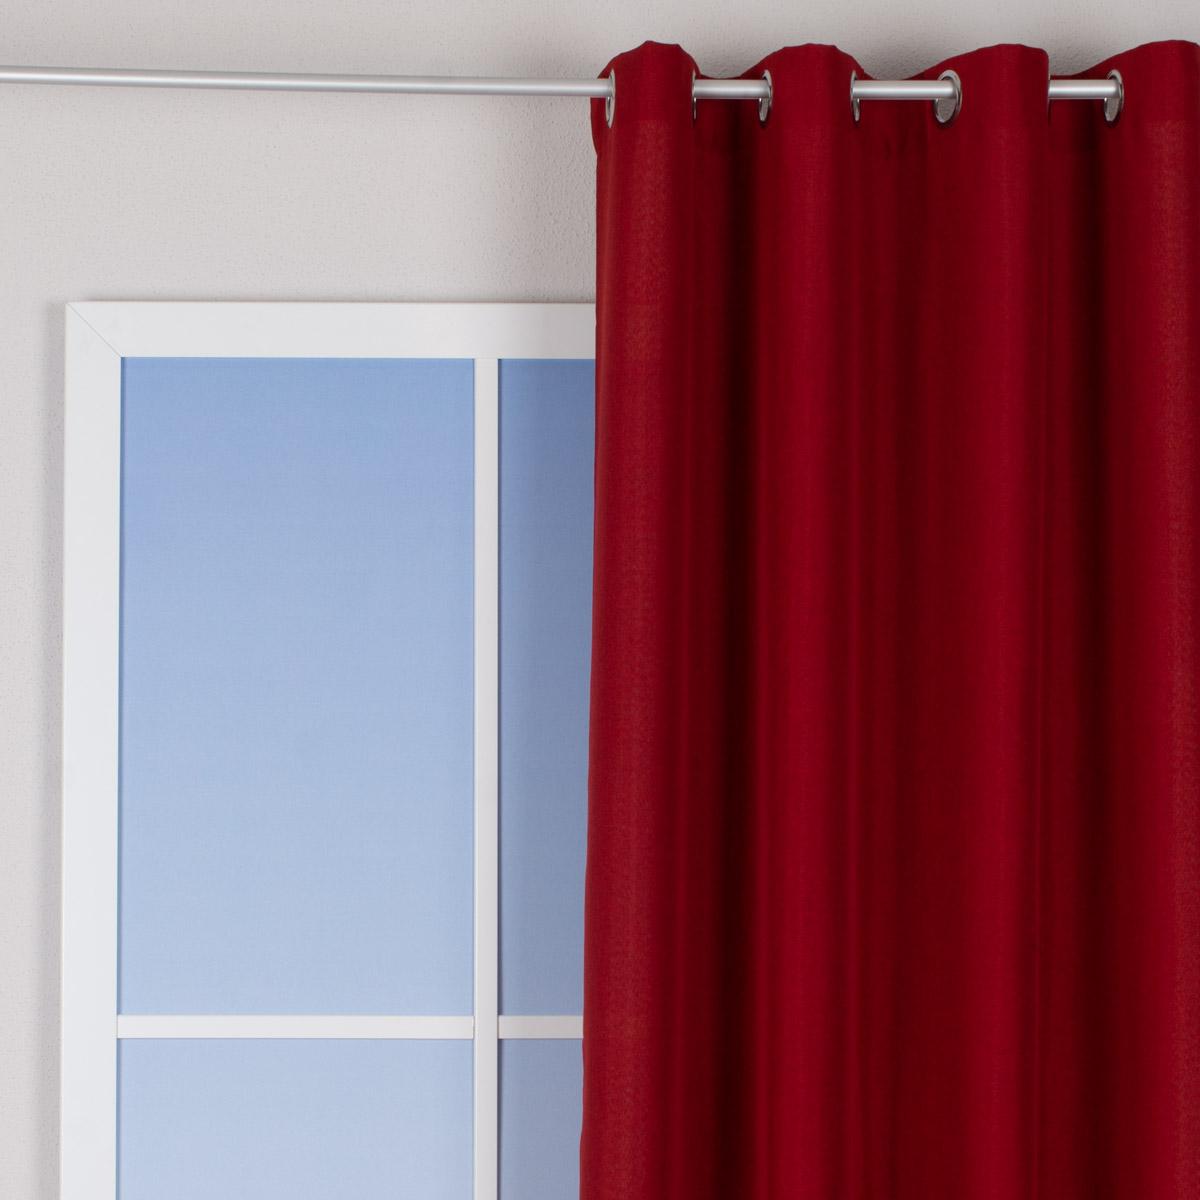 Ösenvorhang Brilliant Leinenoptik einfarbig rot 140x245cm